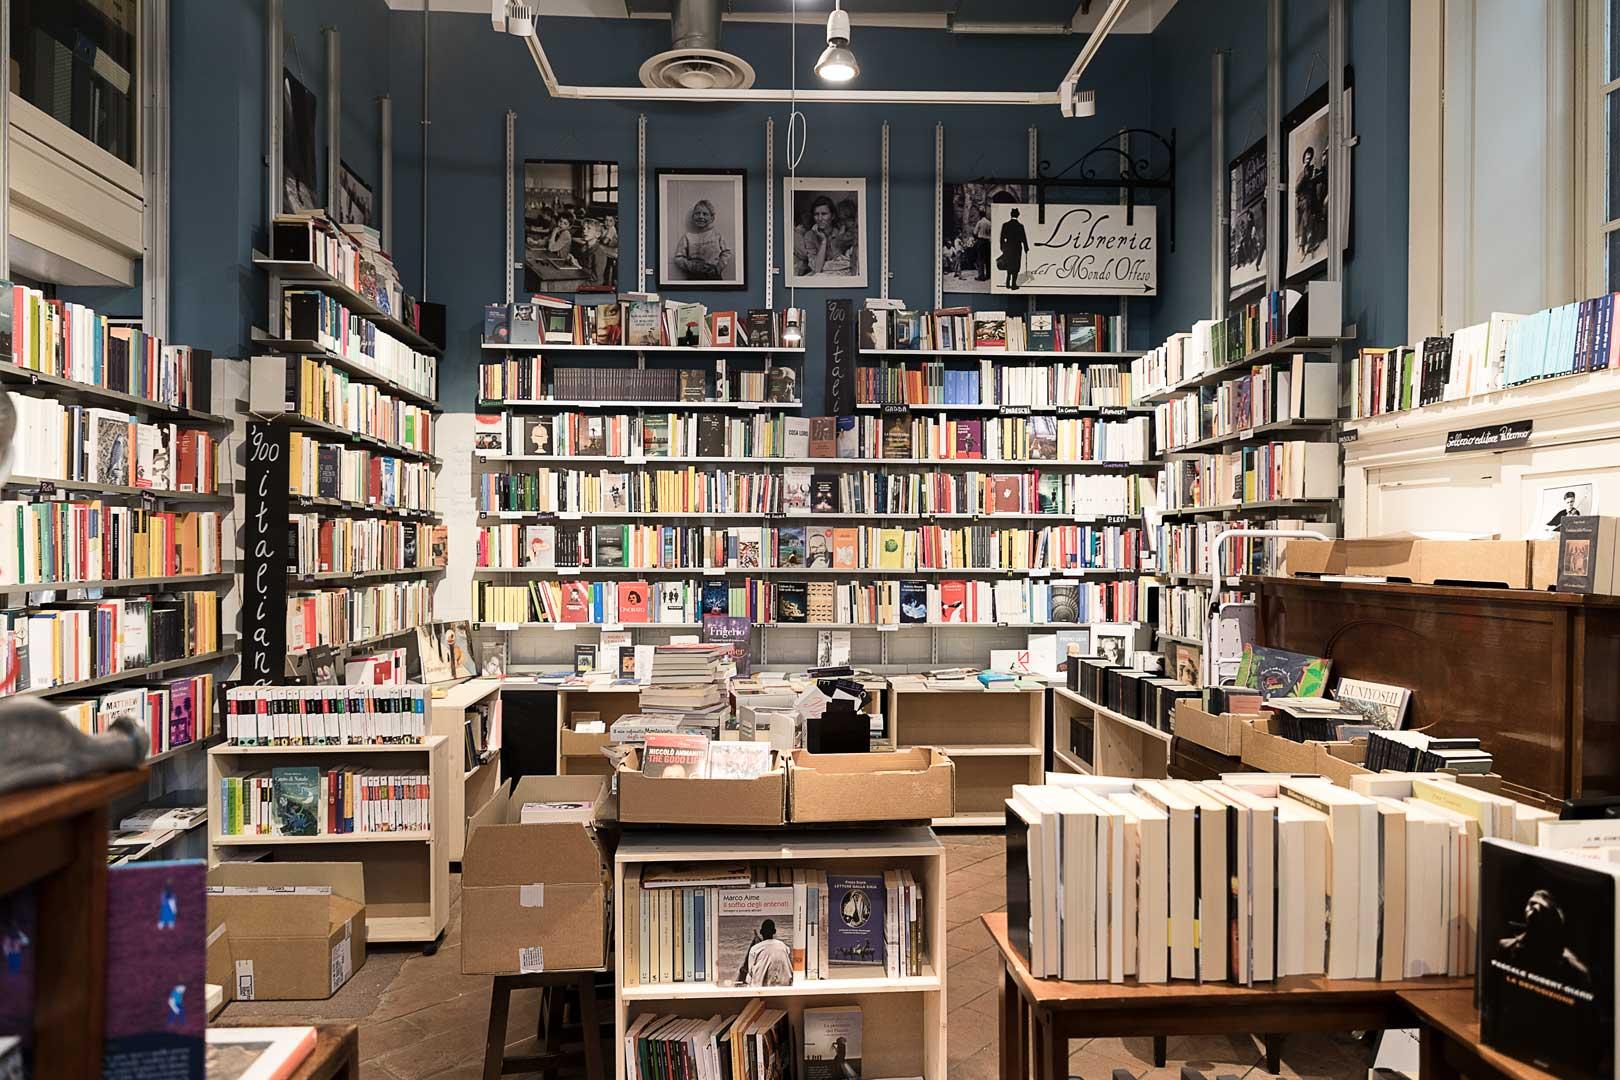 La libreria del mondo offeso - Milano